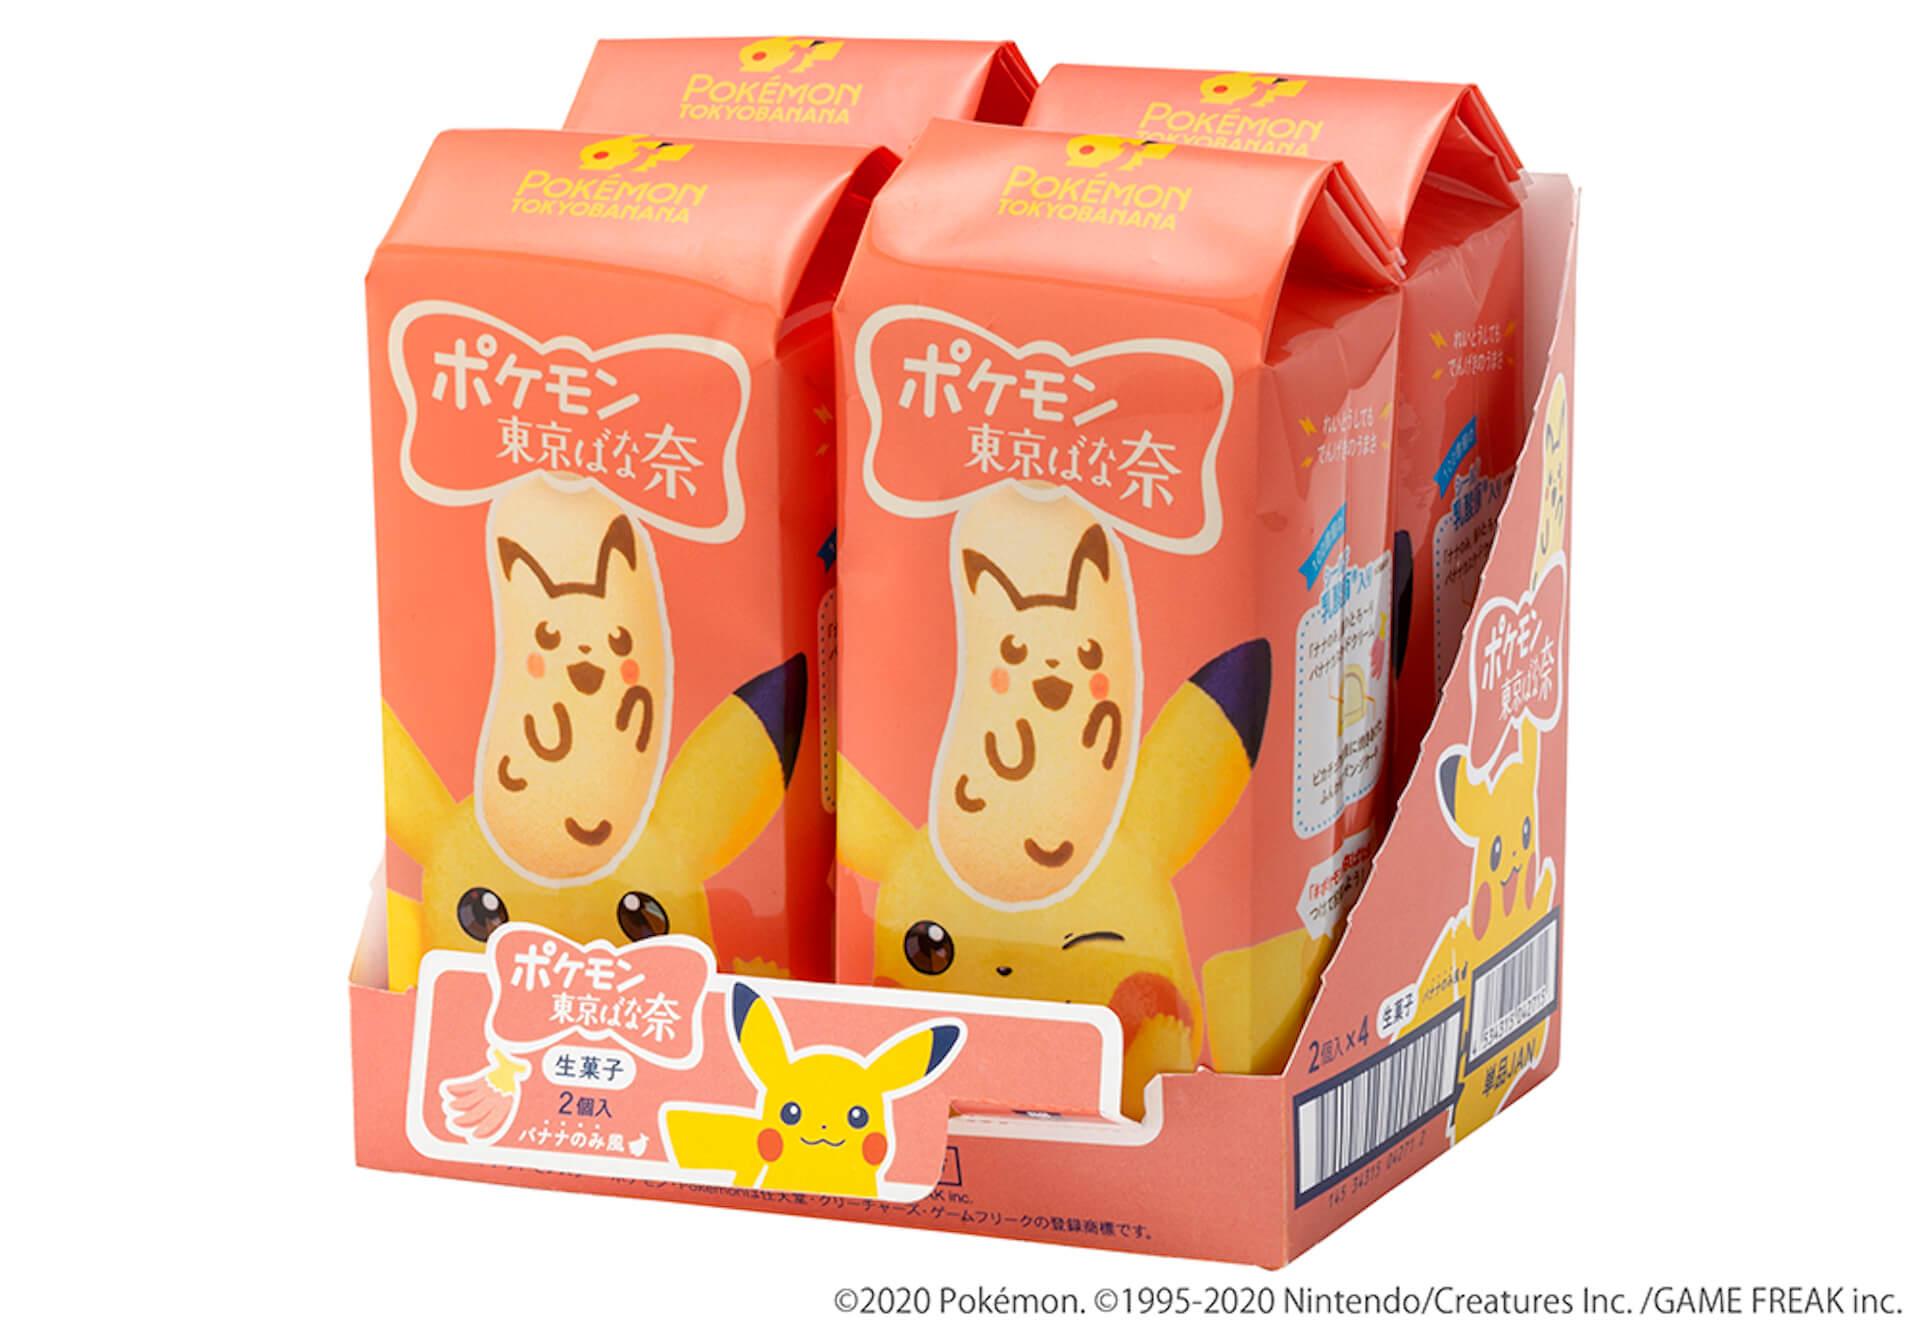 ピカチュウが東京ばな奈になっちゃった!?「ポケモン東京ばな奈」第1弾商品「ピカチュウ東京ばな奈」が北海道、東北などで数量限定先行発売 gourmet201124_tokyobanana_pokemon_16